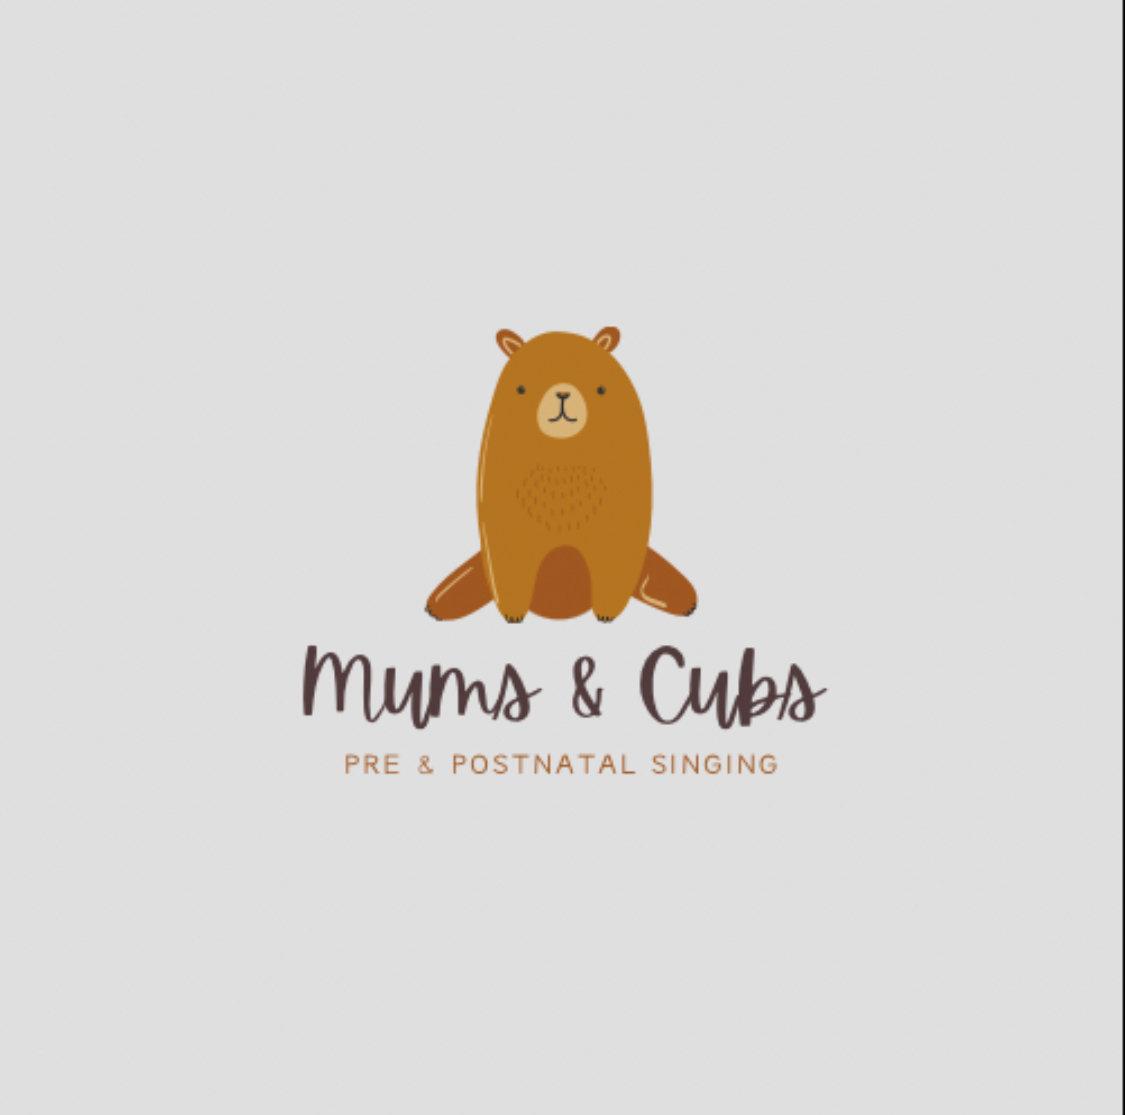 Mums & Cubs